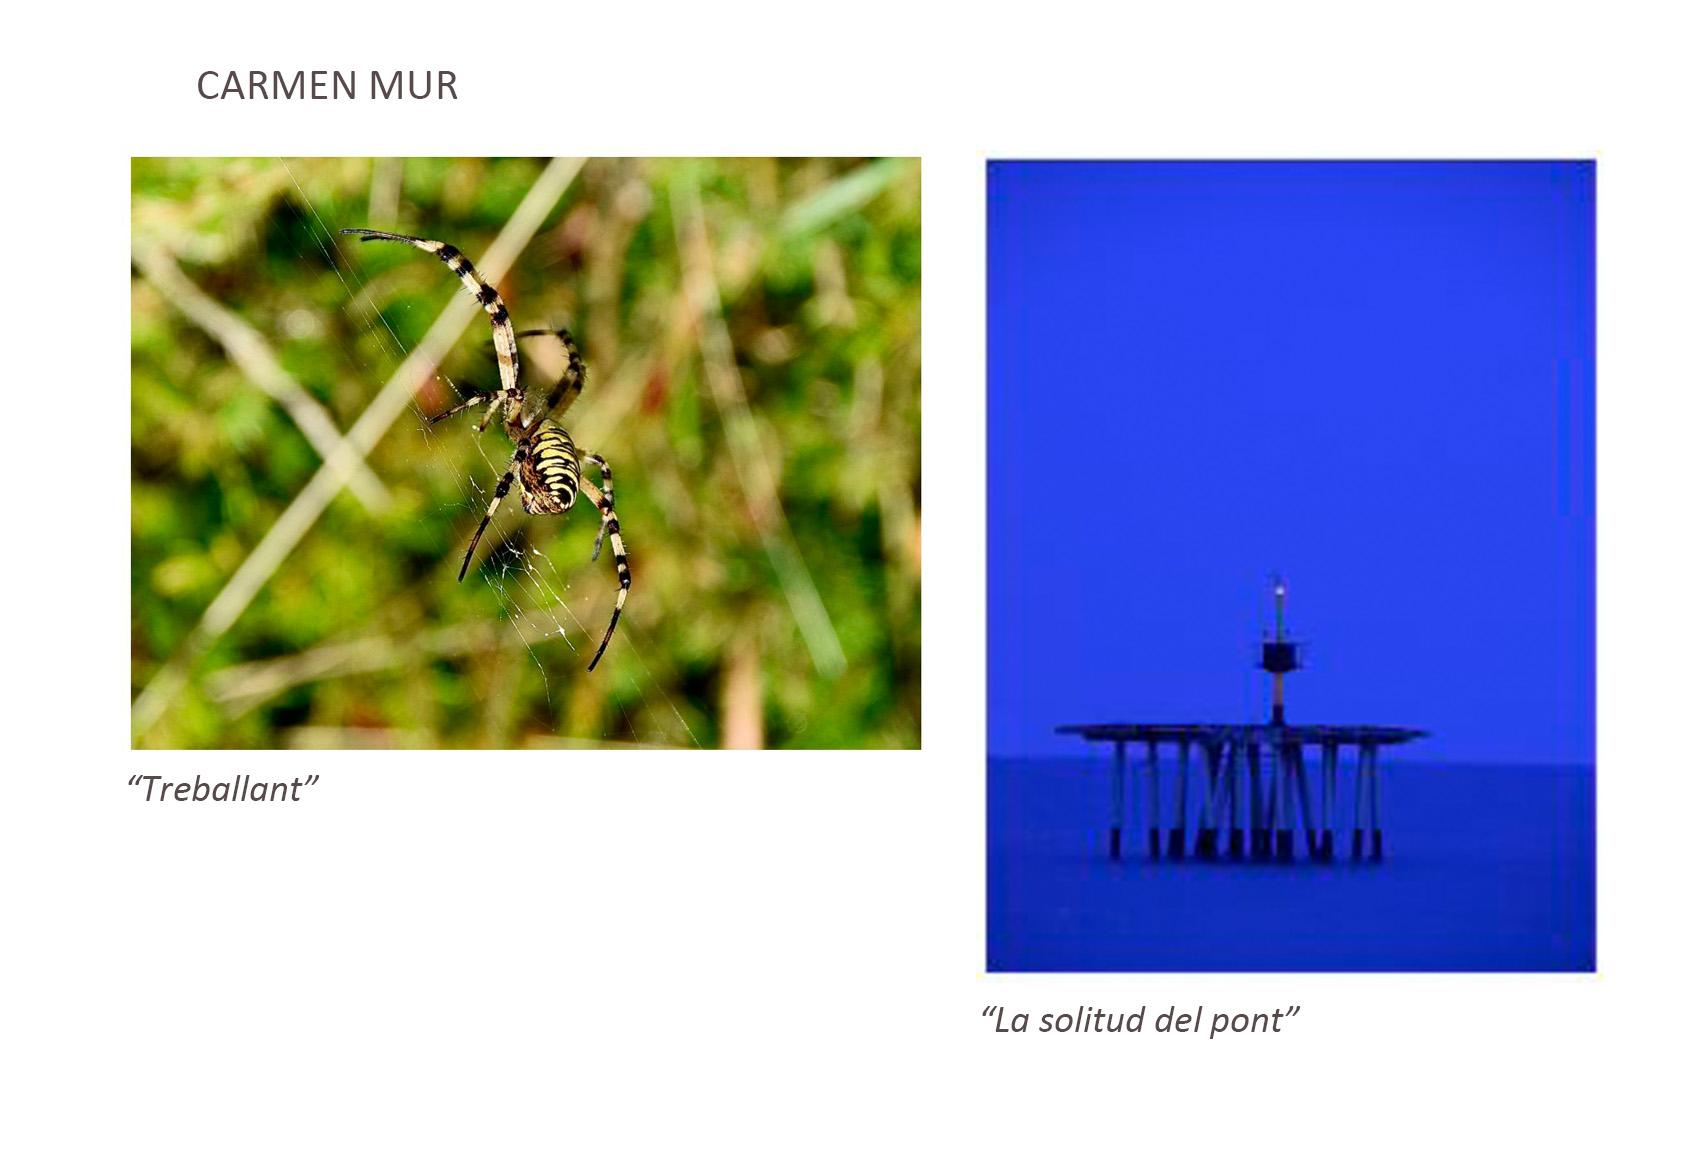 Carmen_Mur